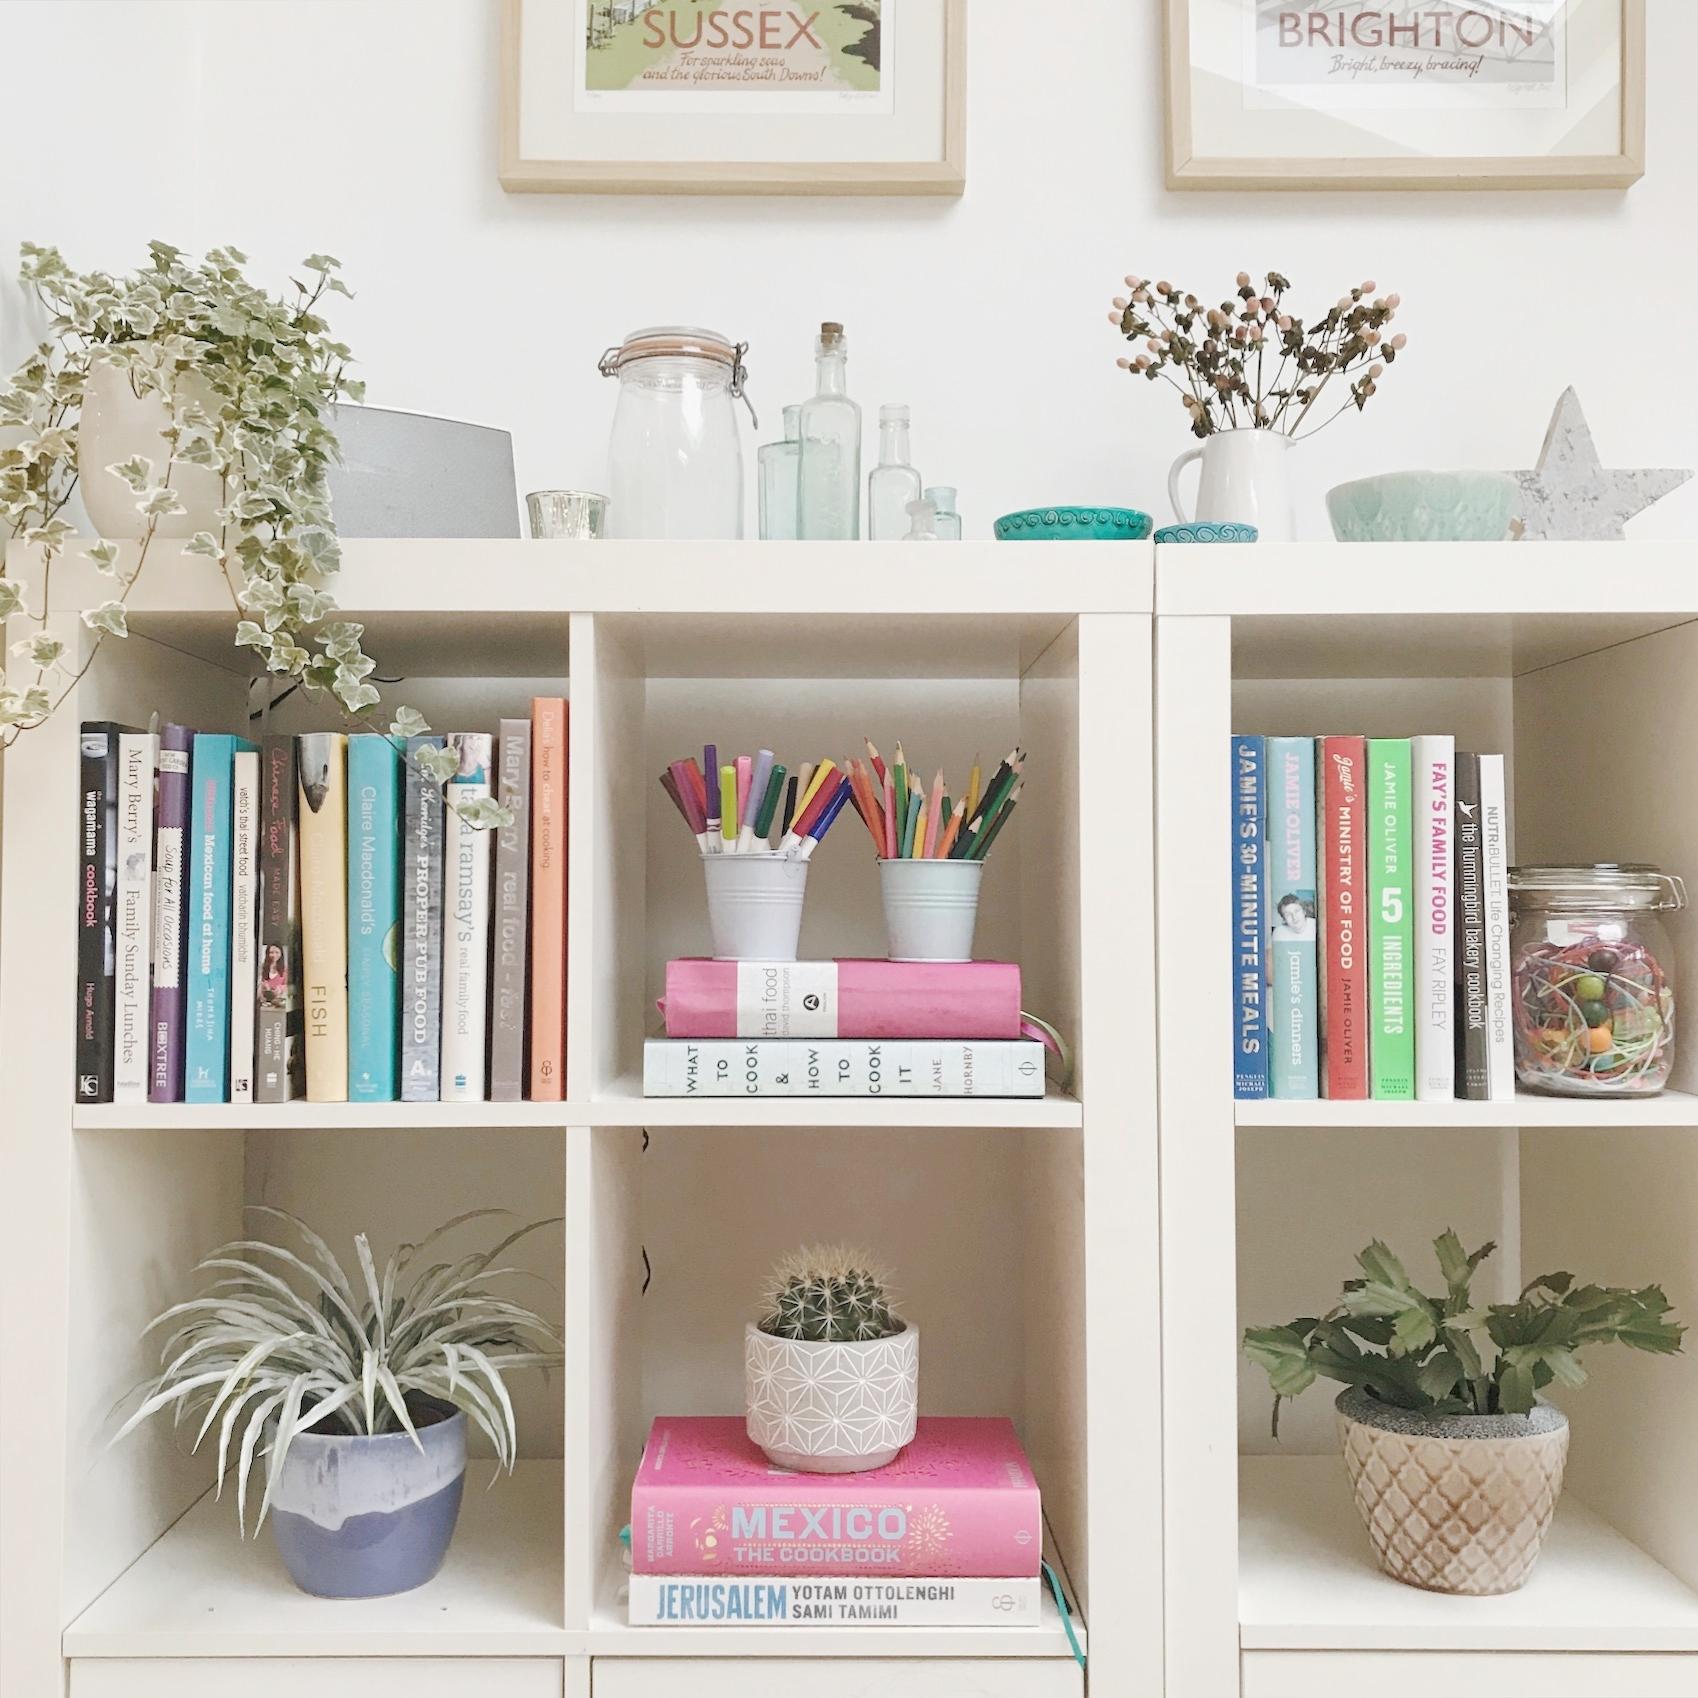 Displaying plants on shelving